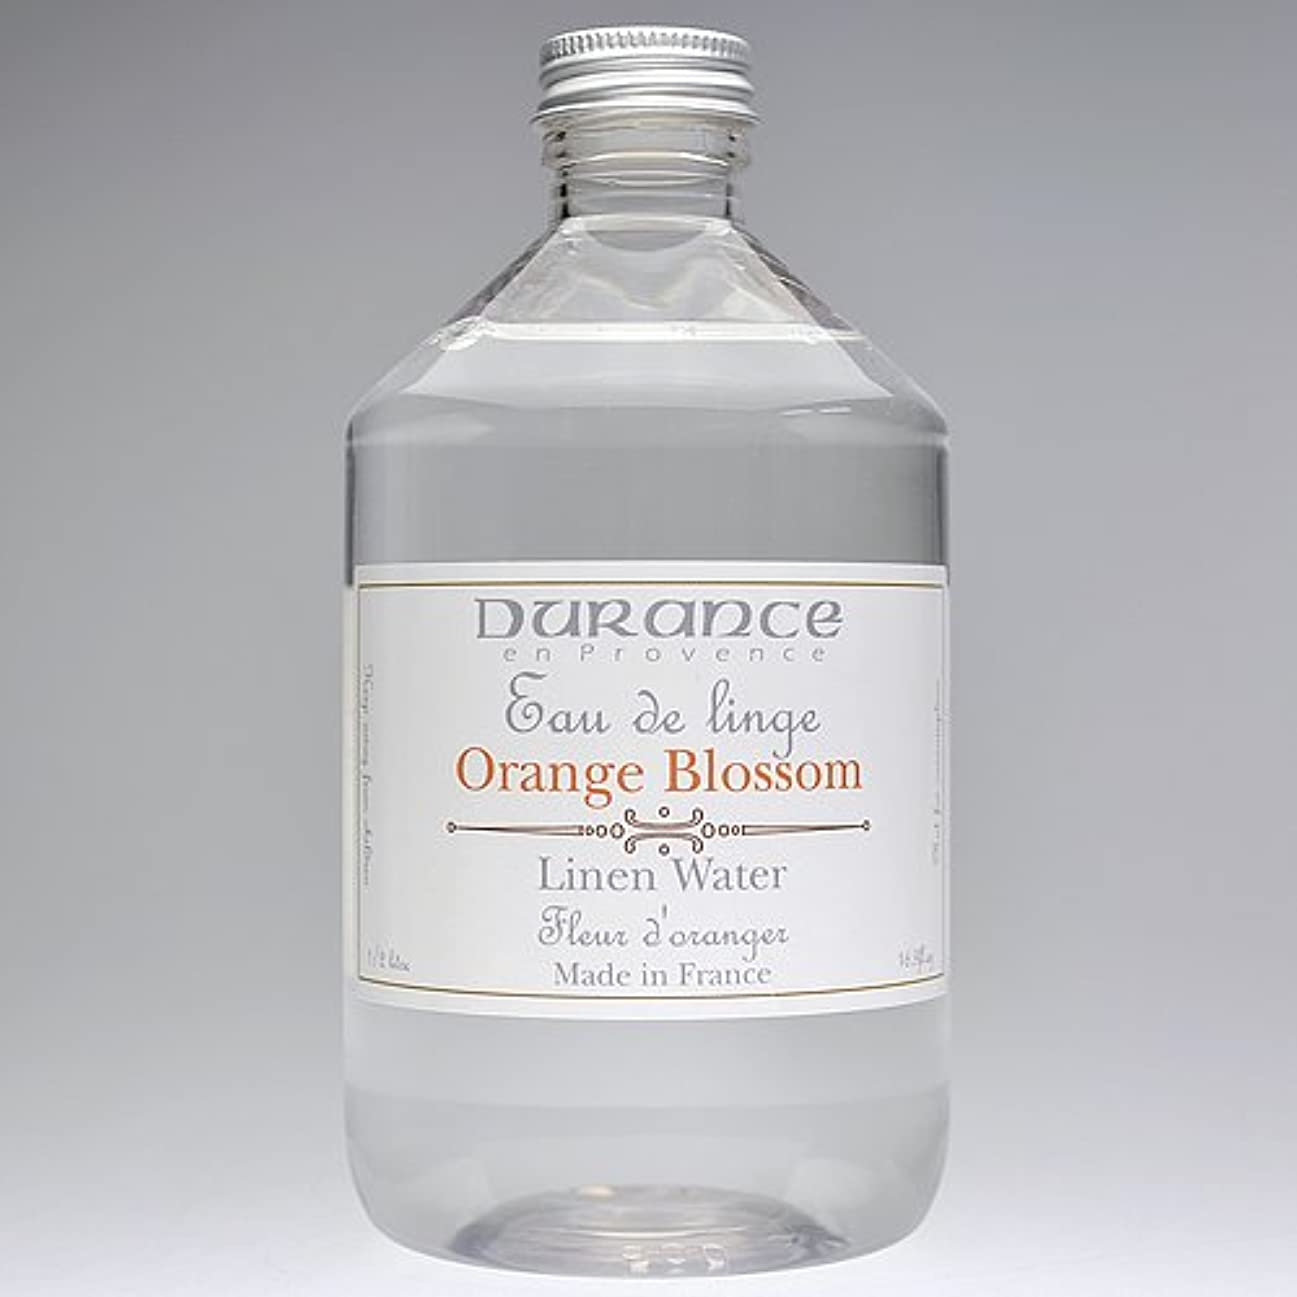 メンテナンス第ネットDURANCE(デュランス) リネンケアシリーズ リネンウォーター 500ml 「フラワーオレンジ」 4994228008619